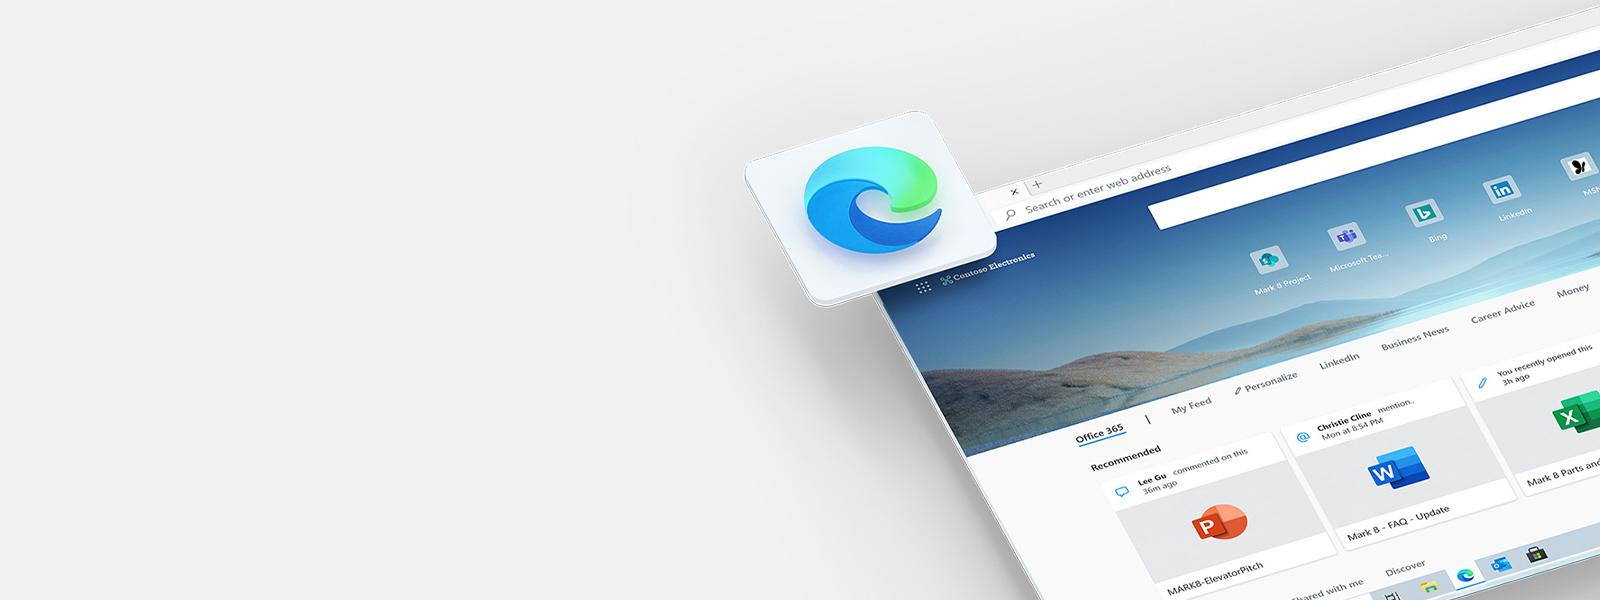 Uma captura de ecrã angular de uma janela do browser Microsoft Edge a apresentar uma barra de pesquisa, ligações e documentos, com o ícone a pairar num canto